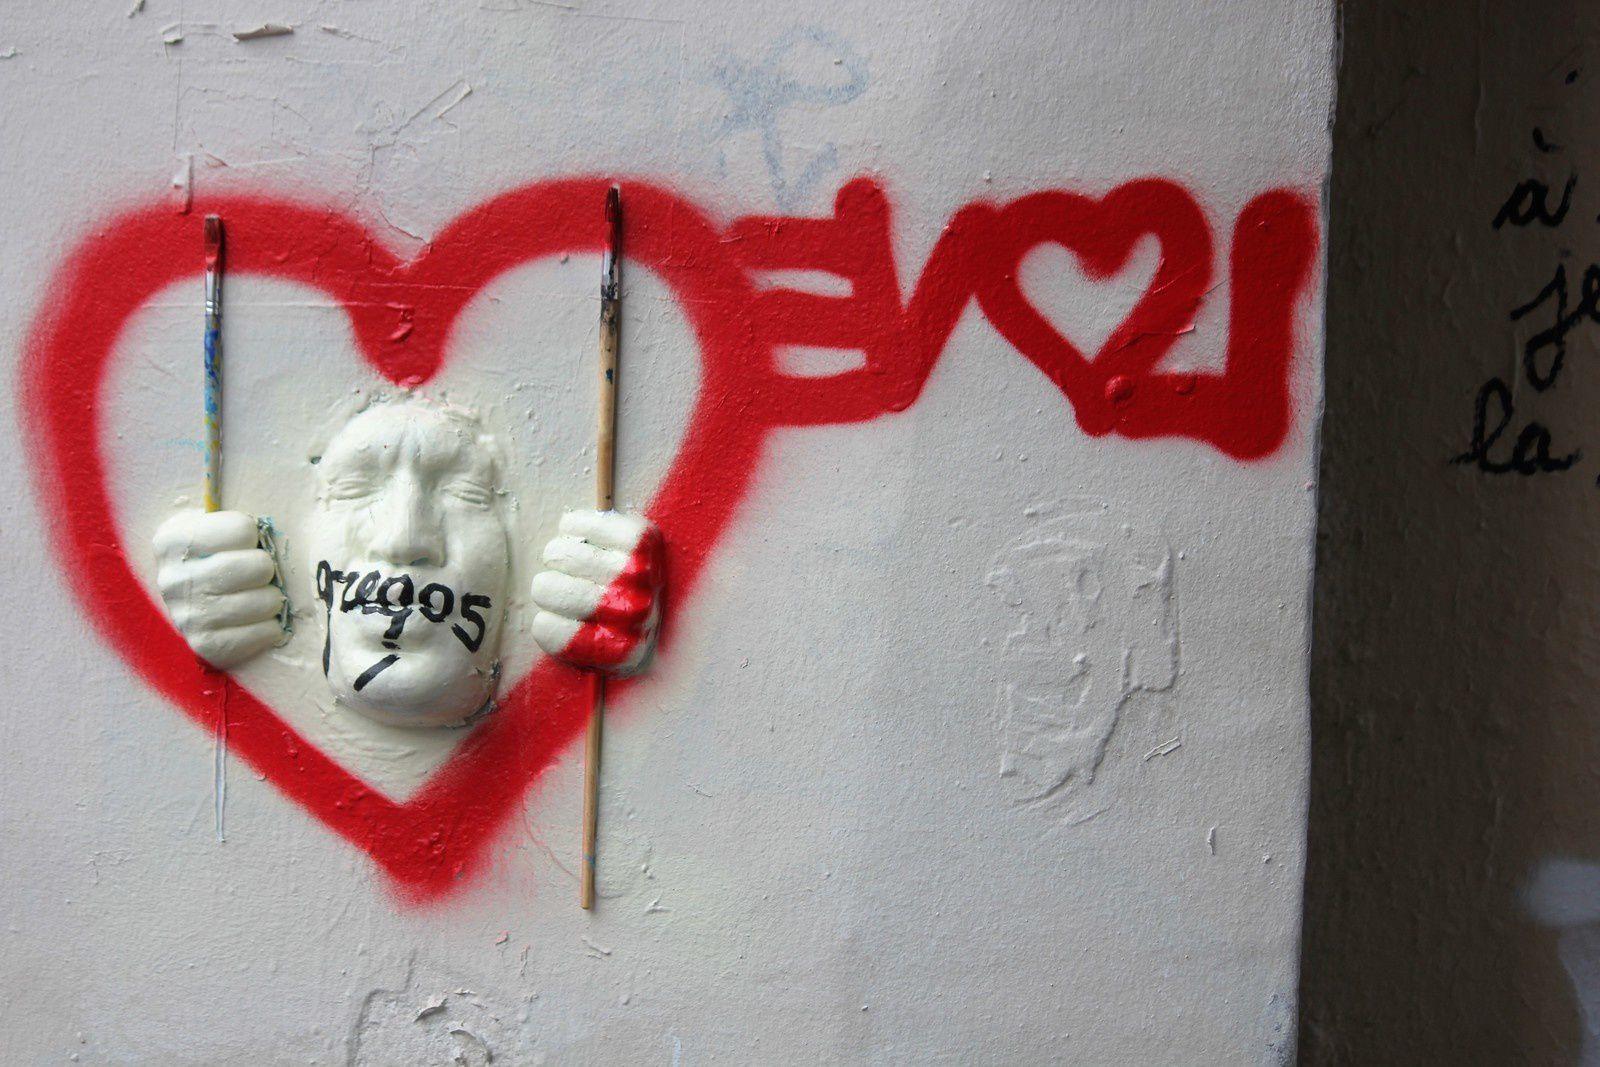 2 janvier, Gregos est mis dans un coeur par l'amour à l'envers. Est-il heureux ou écoeuré?